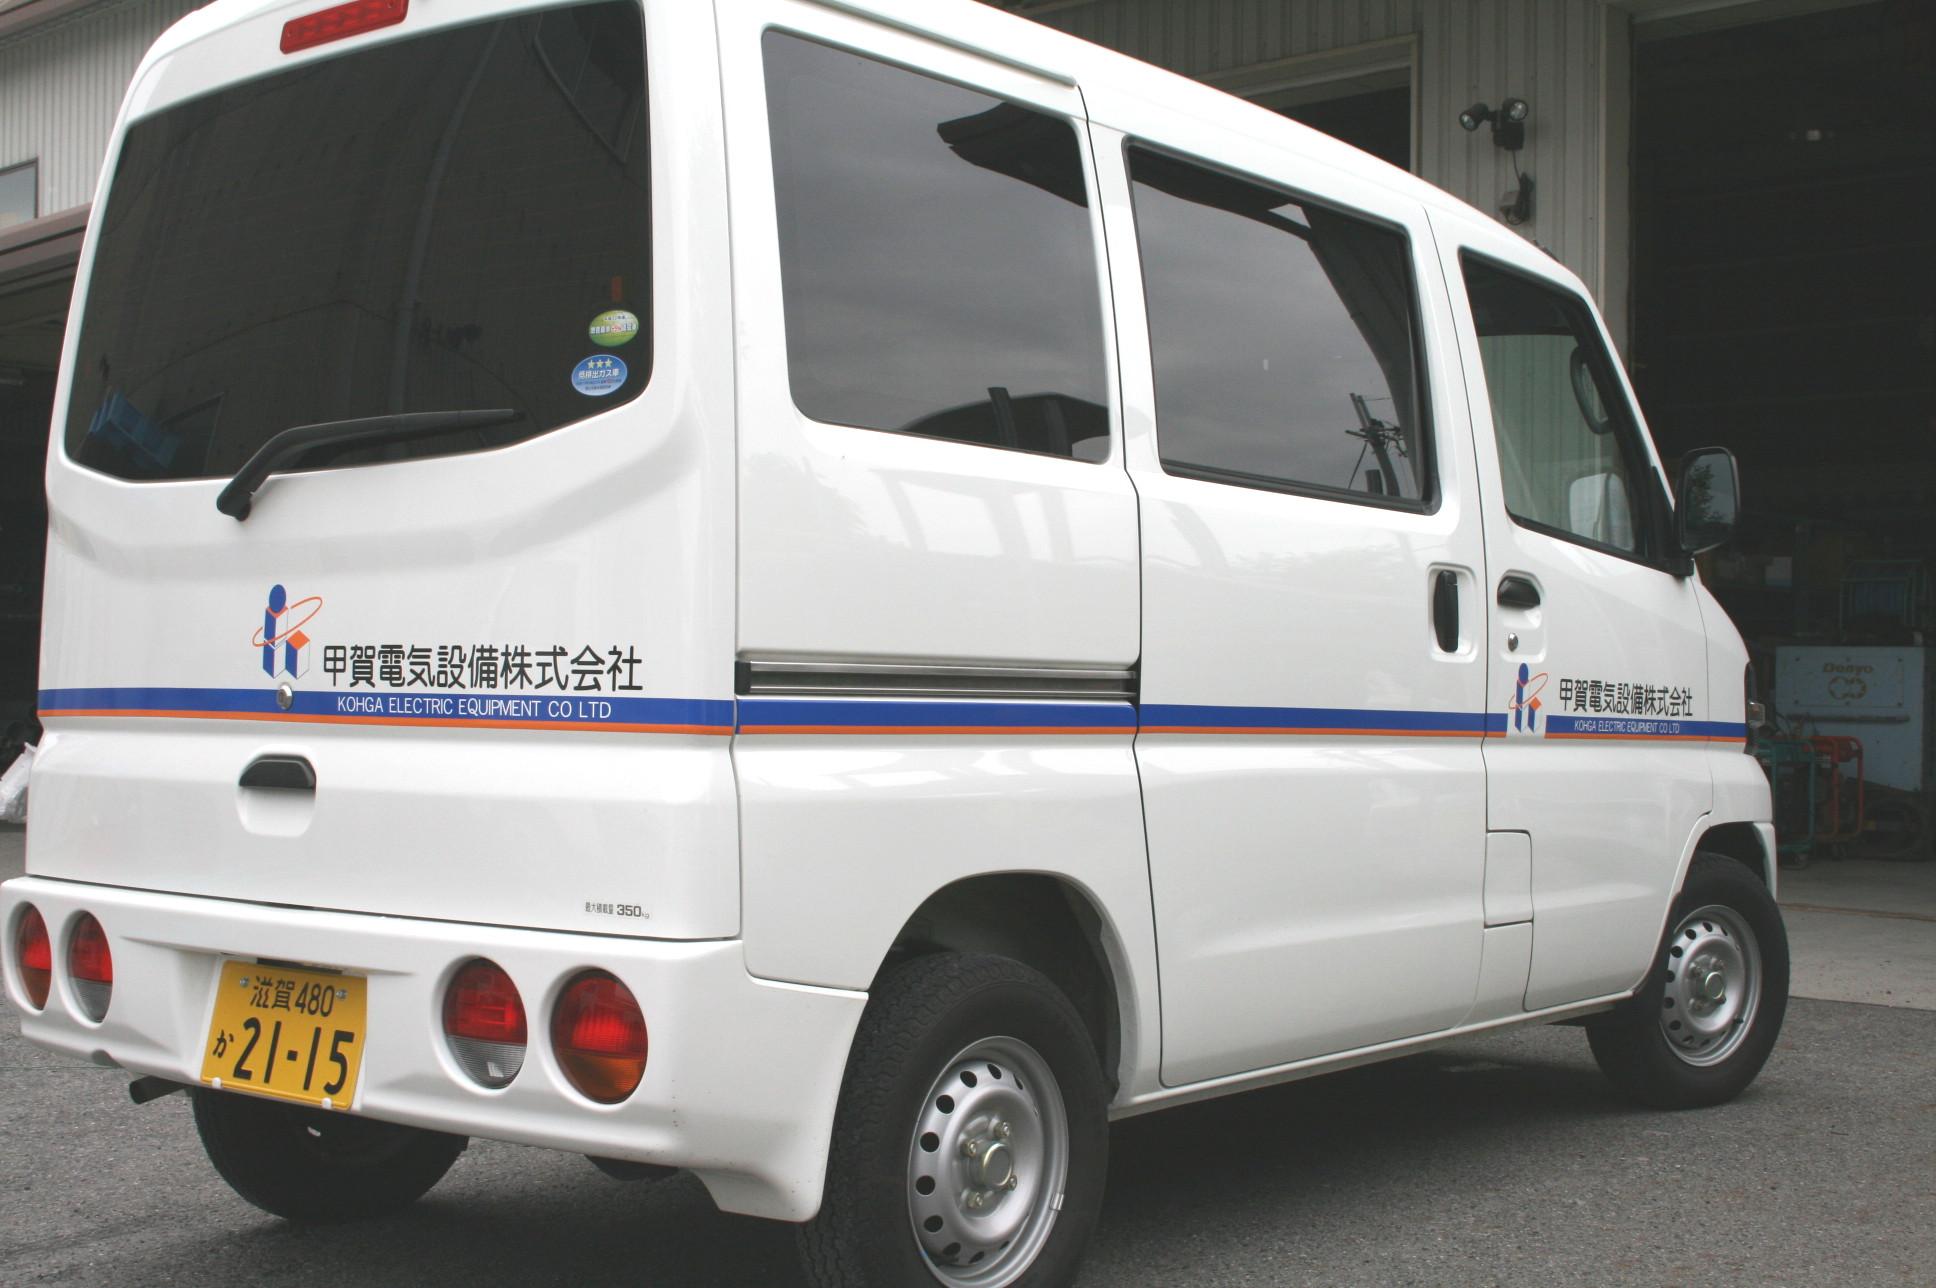 甲賀電気設備��